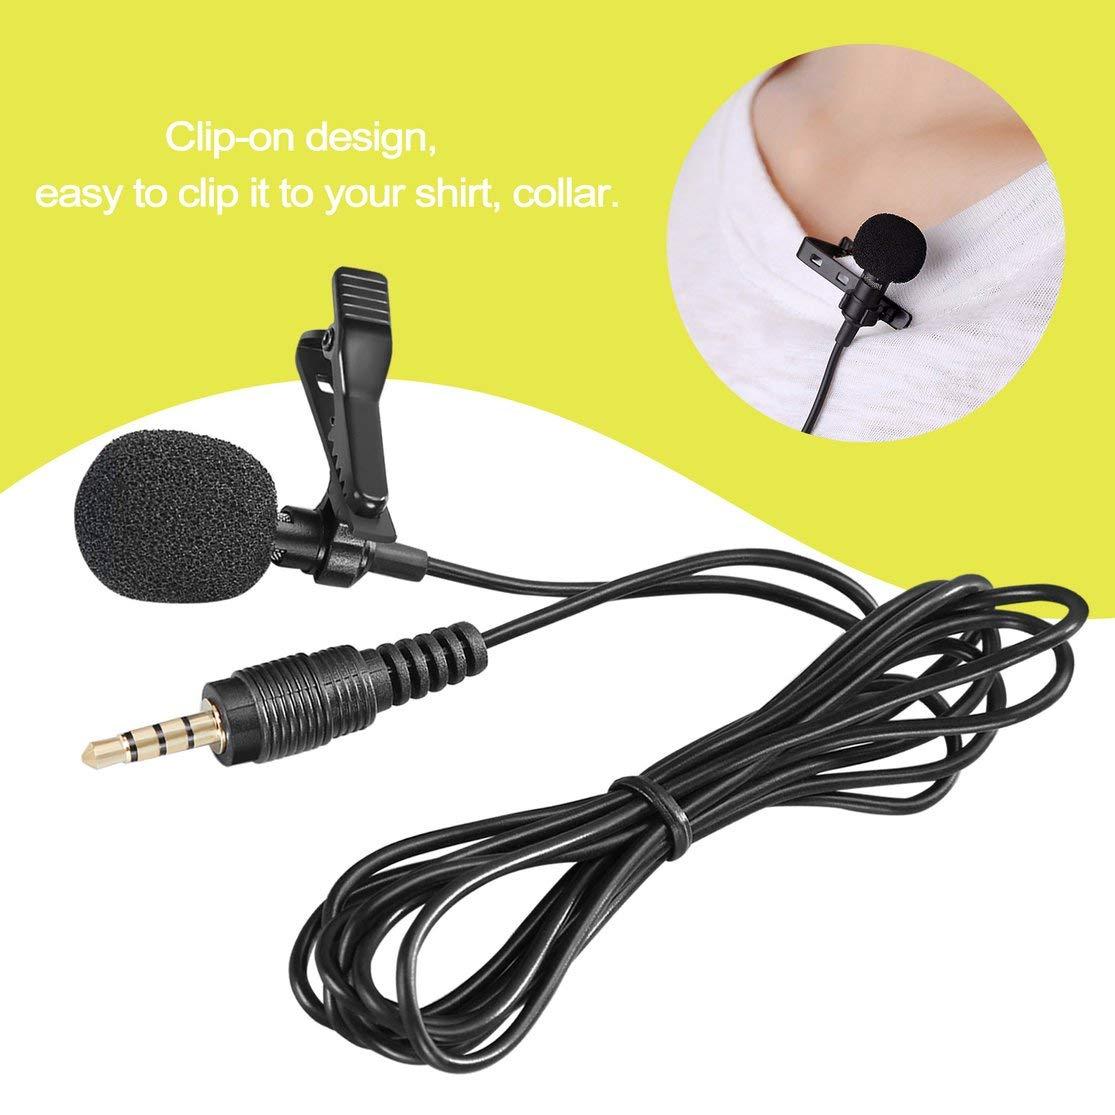 LouiseEvel215 Mini Lavalier Mic Krawattenklammer Mikrofone Smartphone Aufnahme PC Clip-on Revers Unterst/ützung Sprechen Singen Sprache Hohe Empfindlichkeit